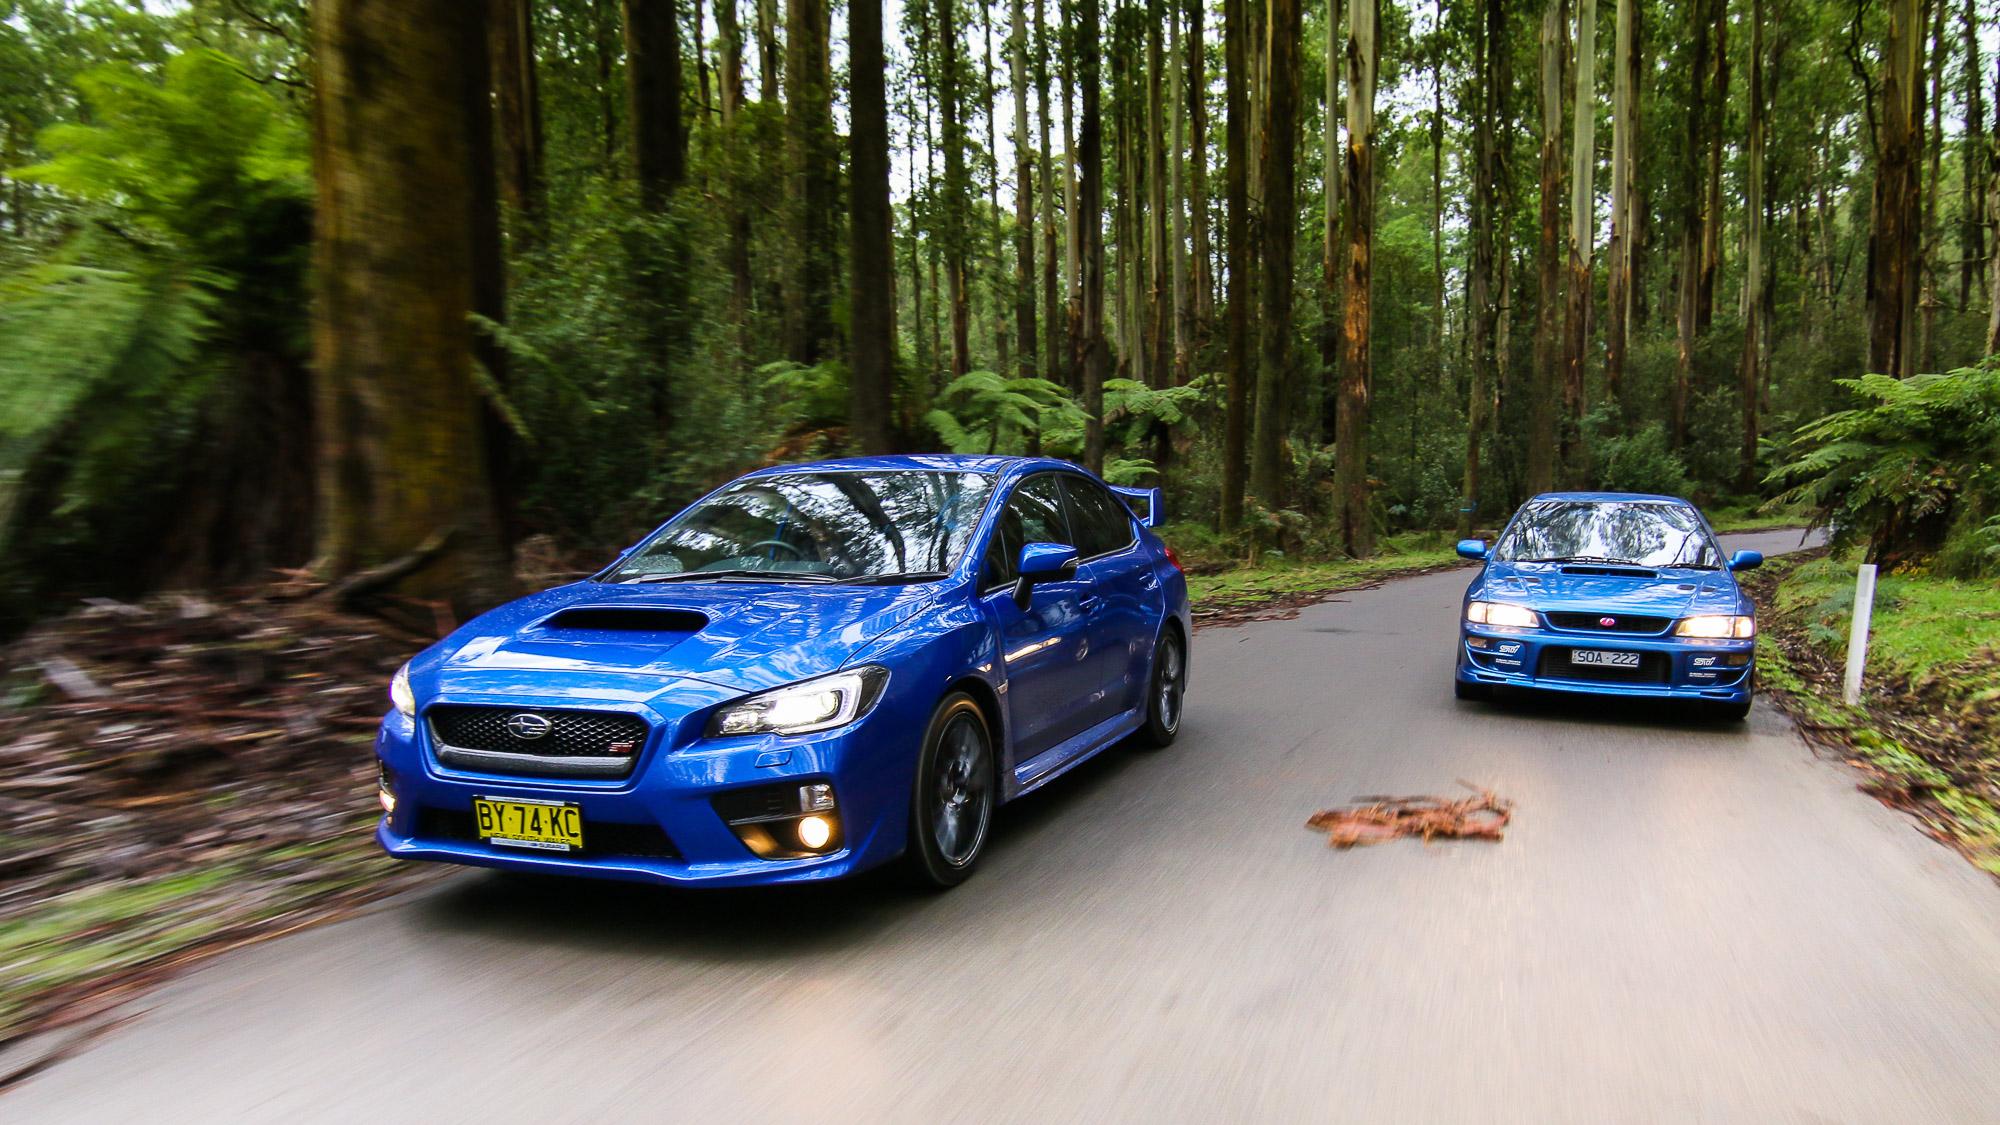 Subaru WRX STI Old v New parison 2015 sedan v 1999 two door